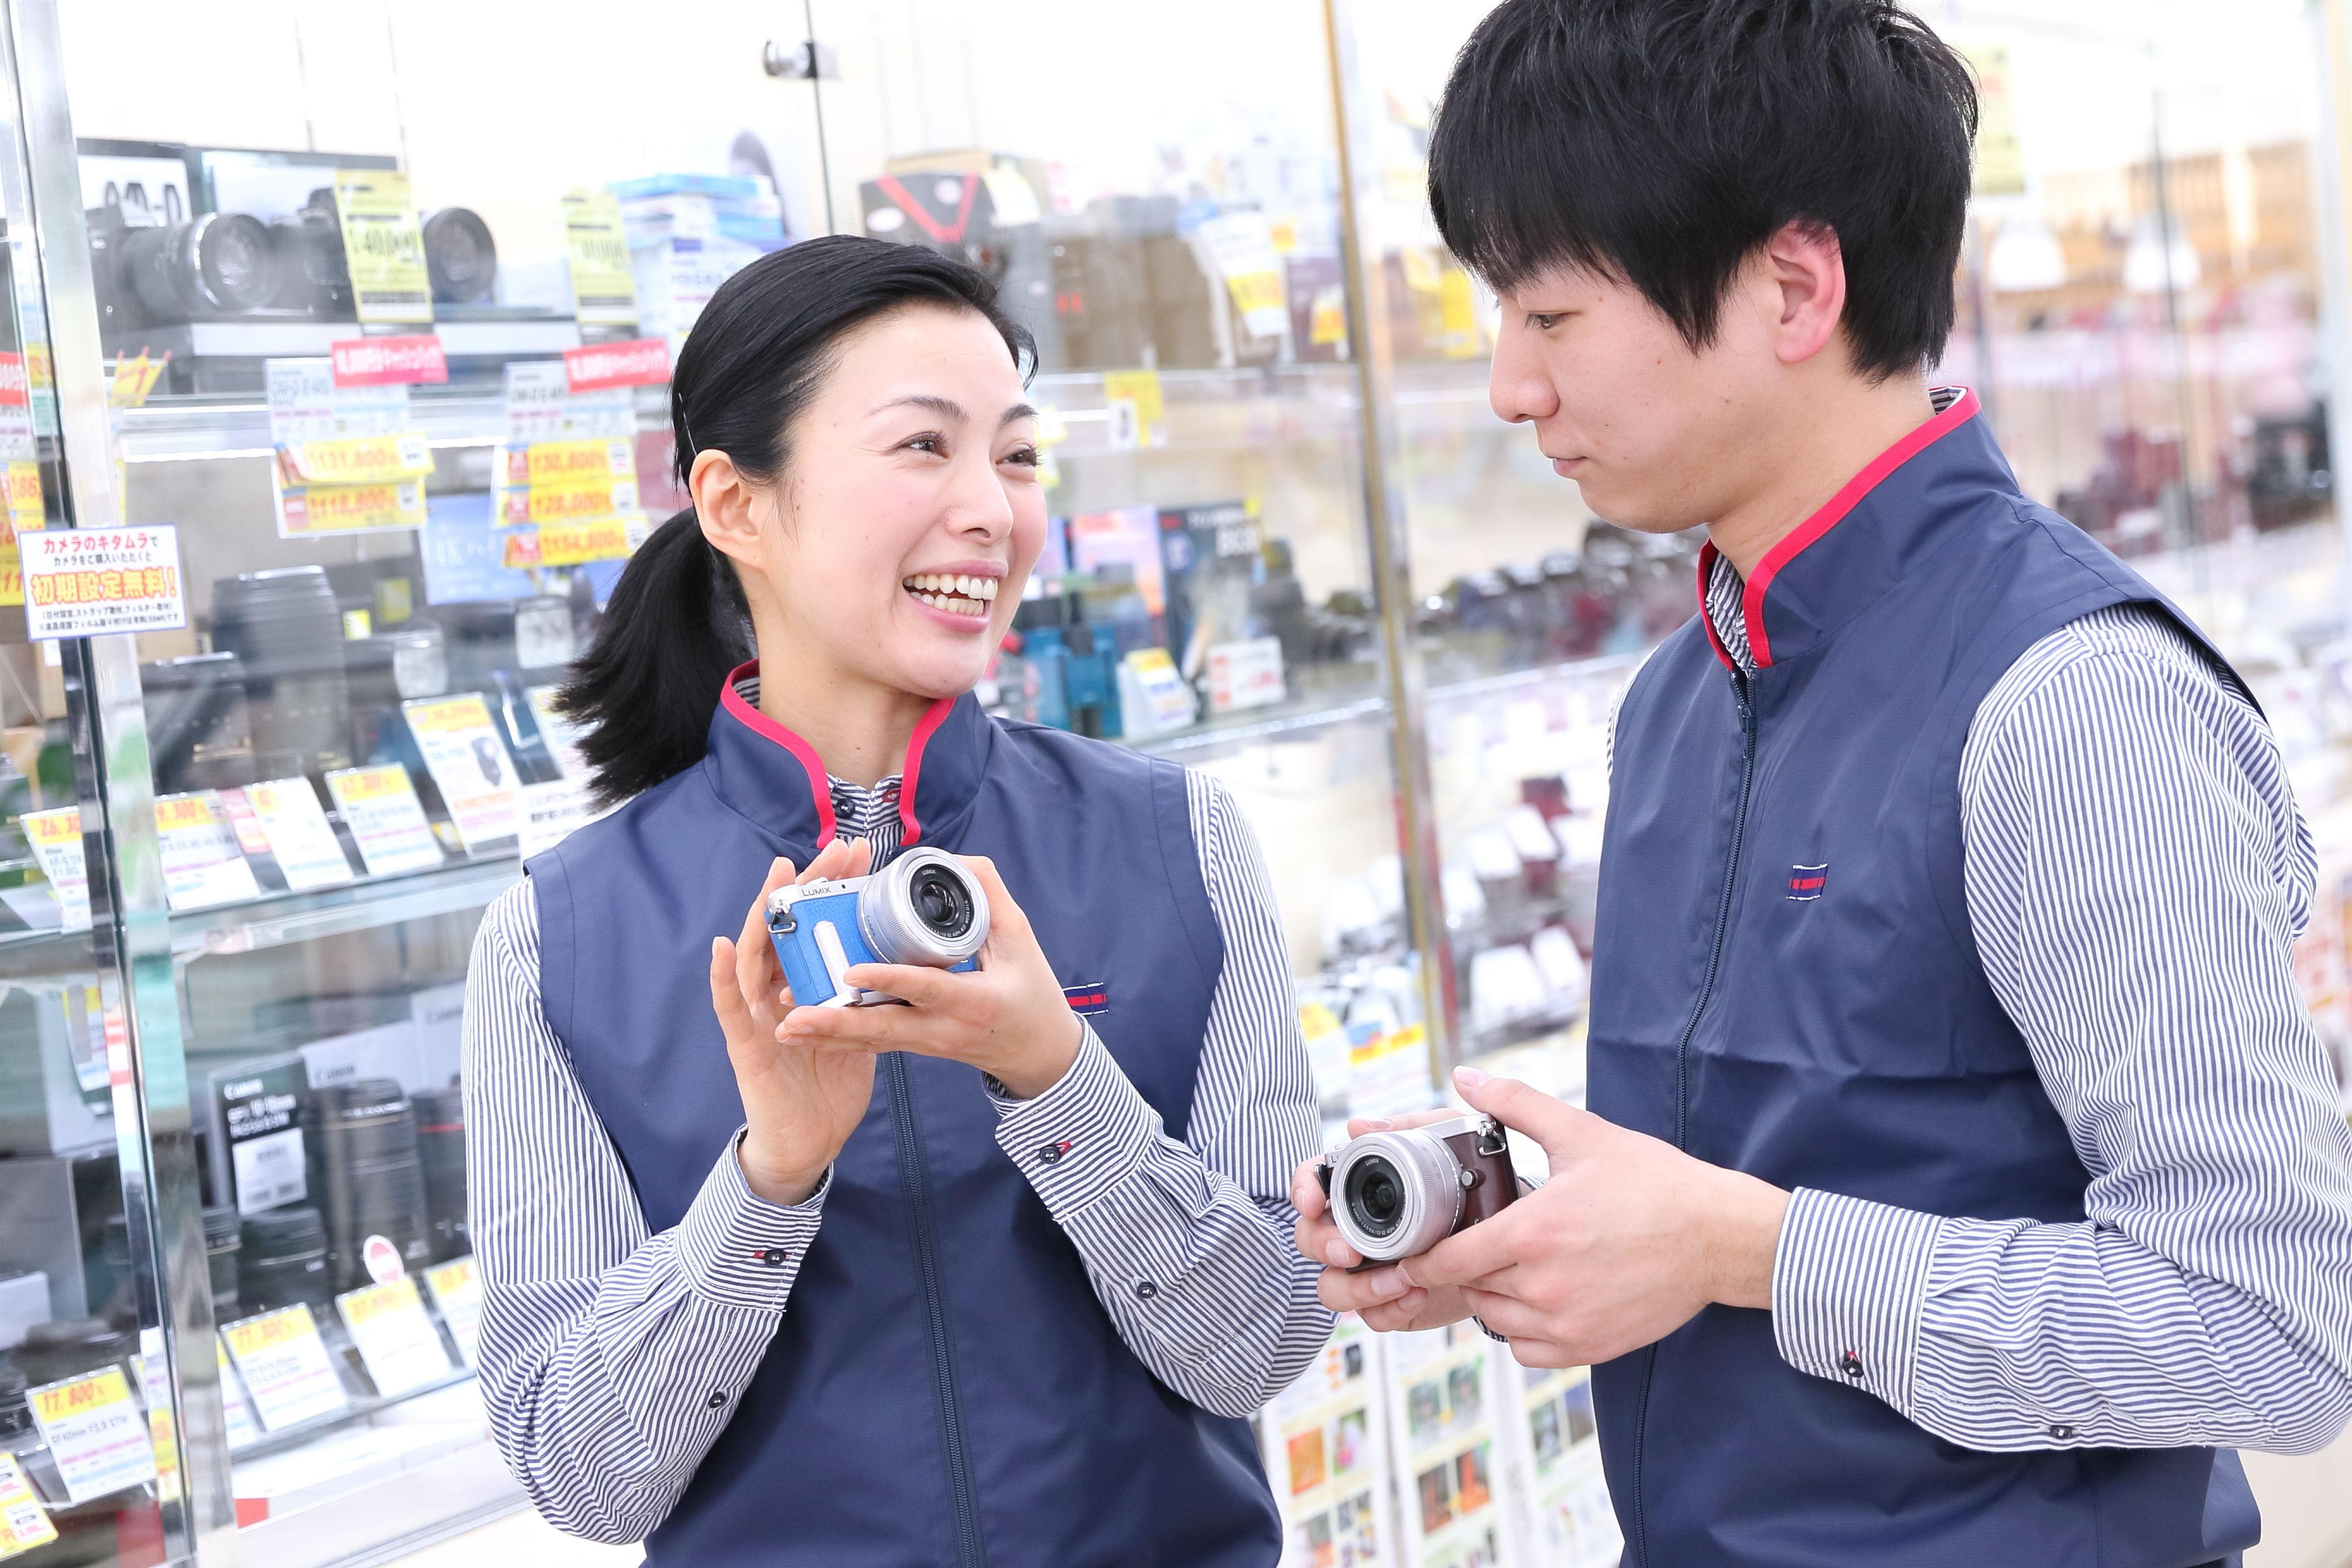 カメラのキタムラ 東京/イオン東雲店 のアルバイト情報